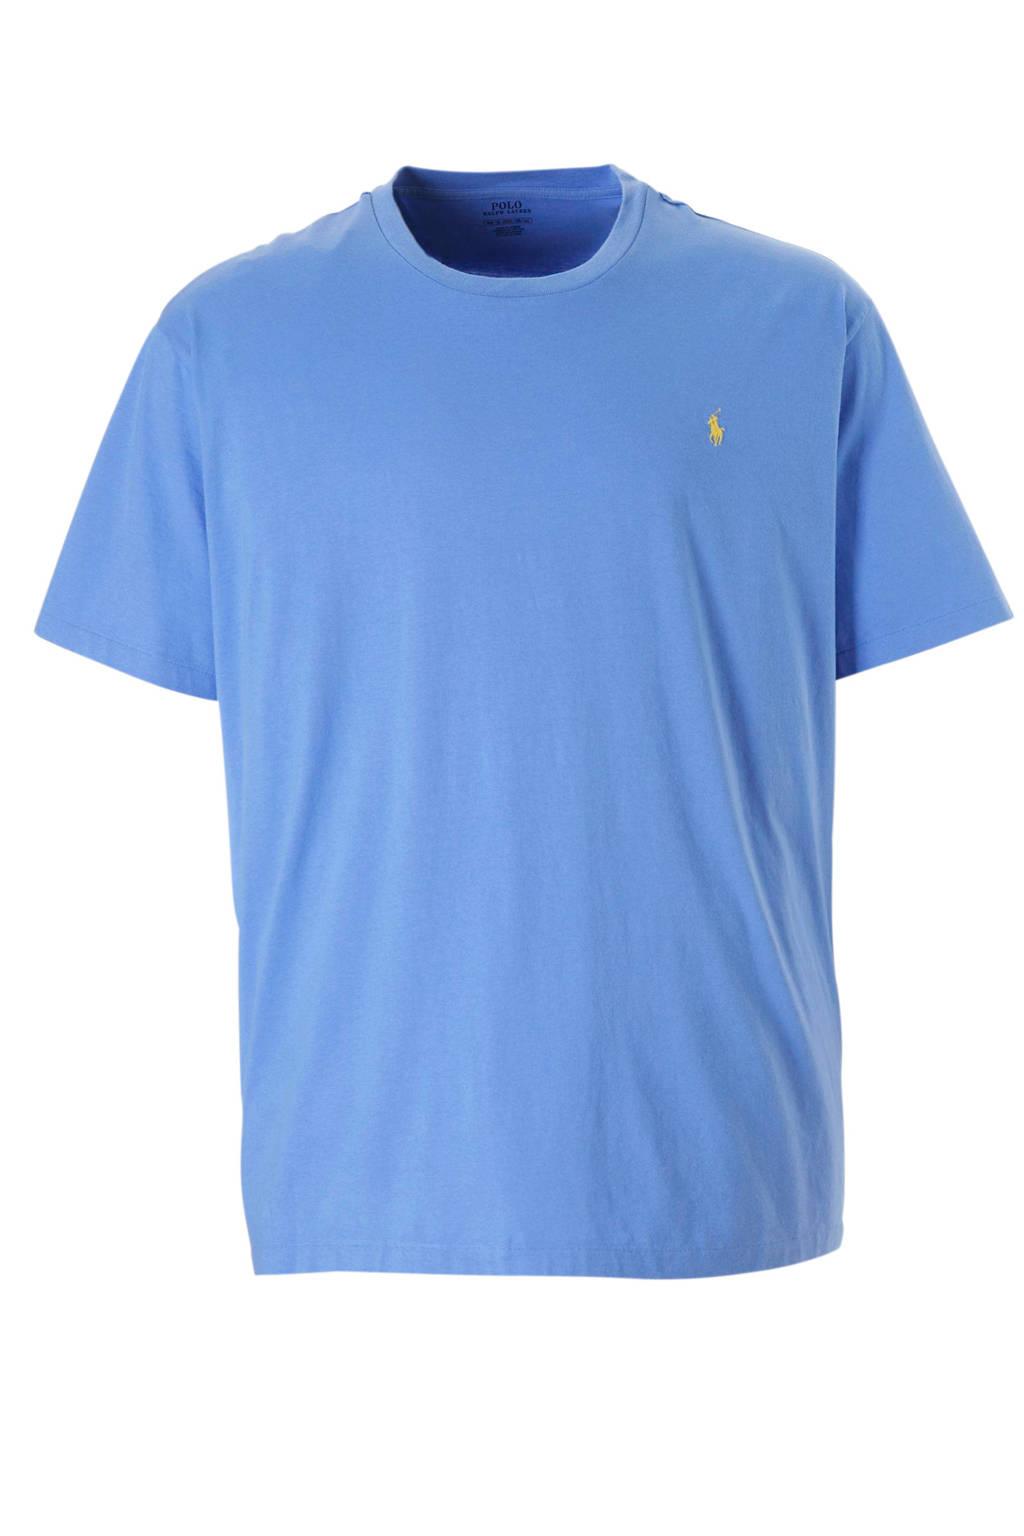 POLO Ralph Lauren Big & Tall +size T-shirt, Lichtblauw